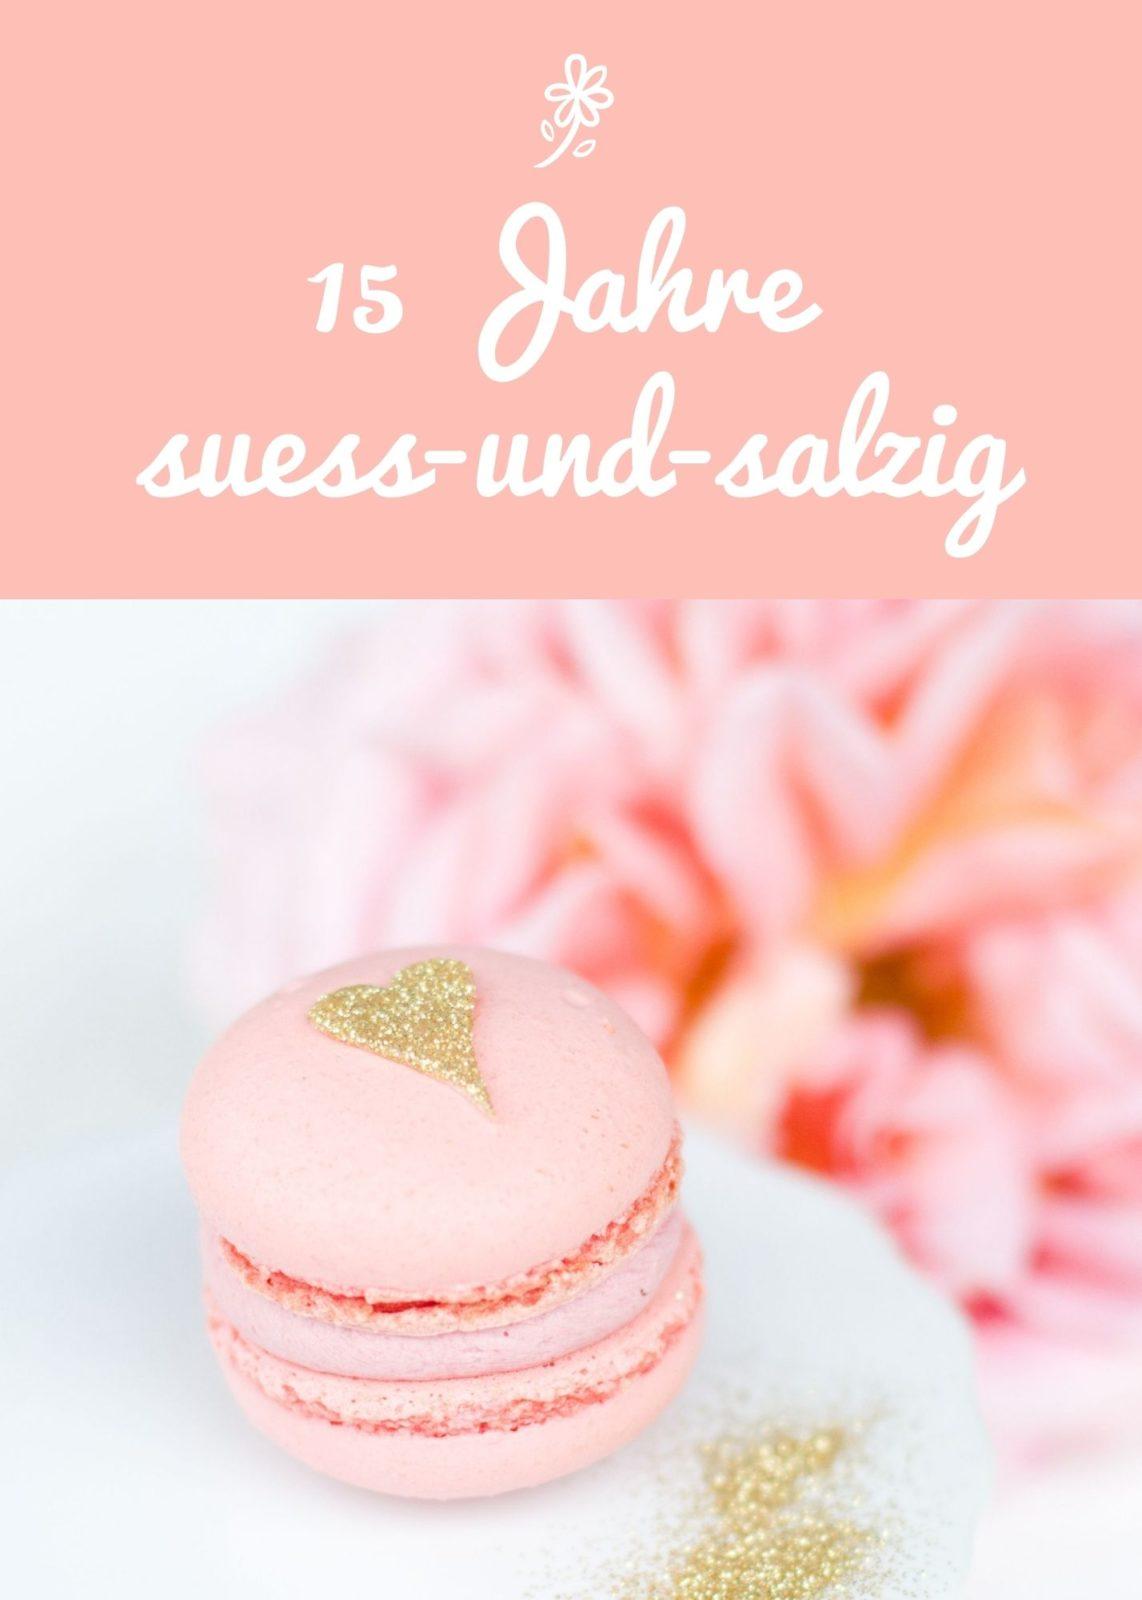 15 Jahre Torten-& Patisserservice suess-und-salzig